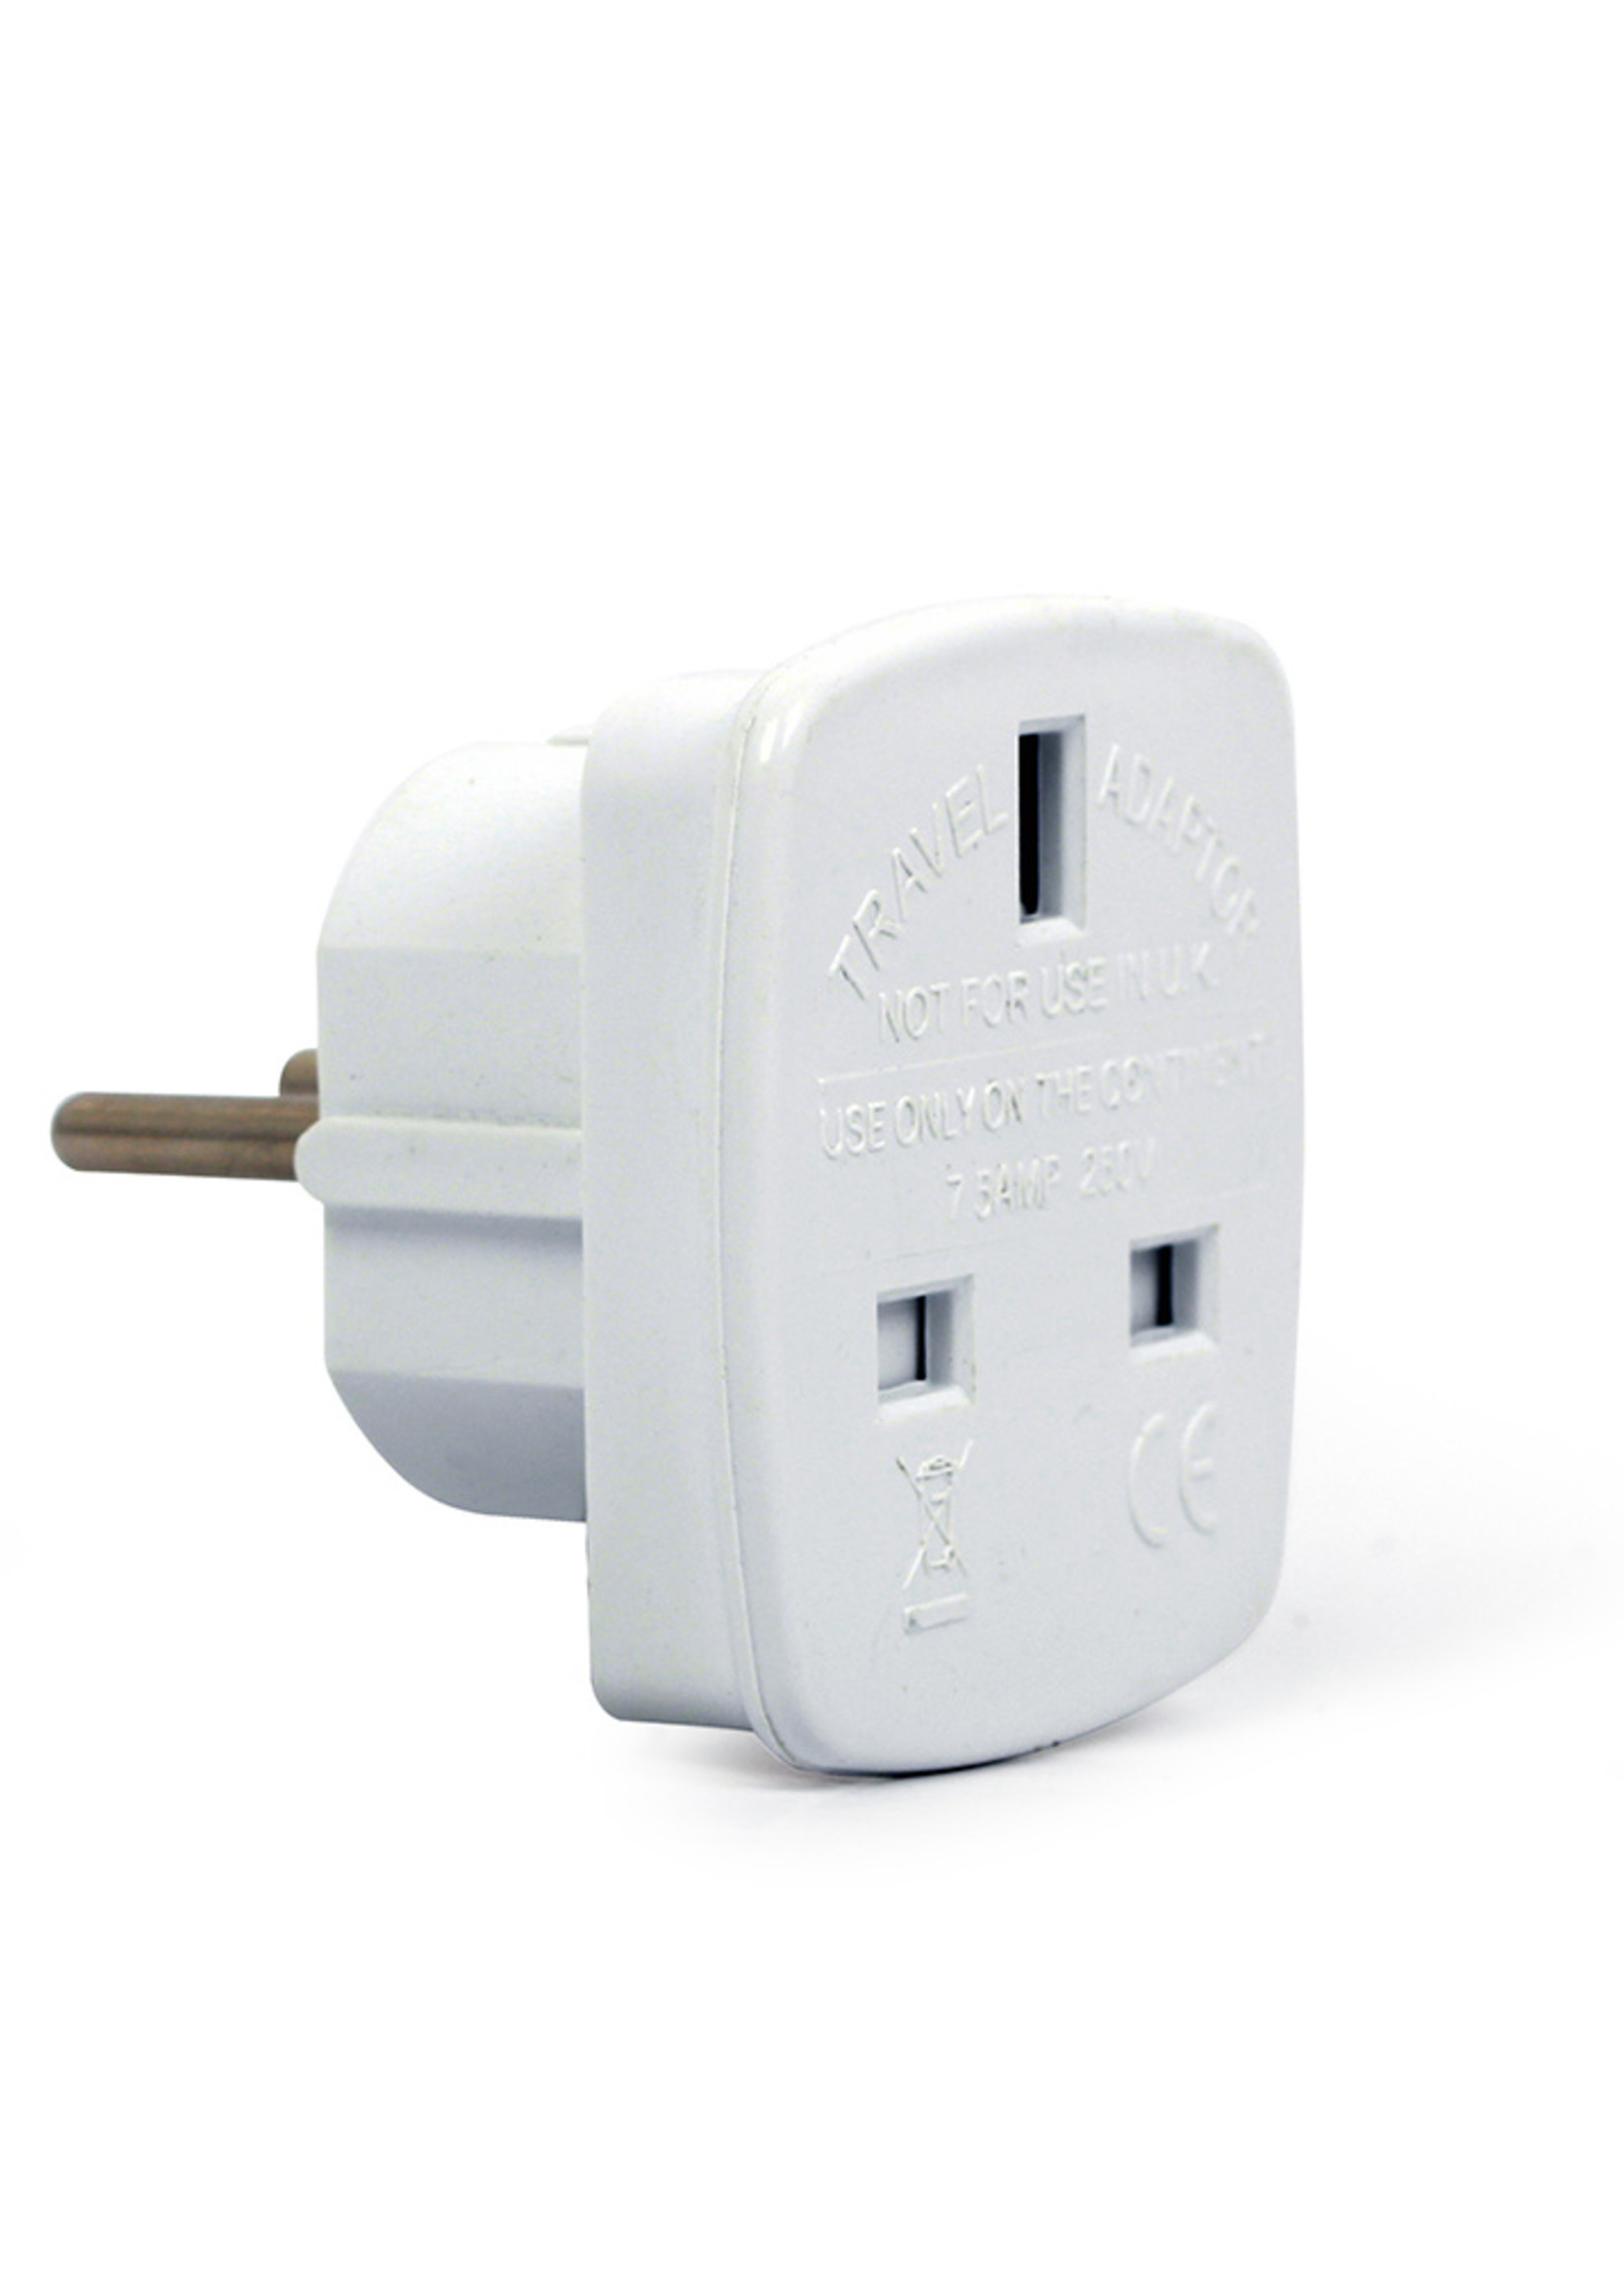 CableXpert EU naar UK stekkeradapter, 7.5 A